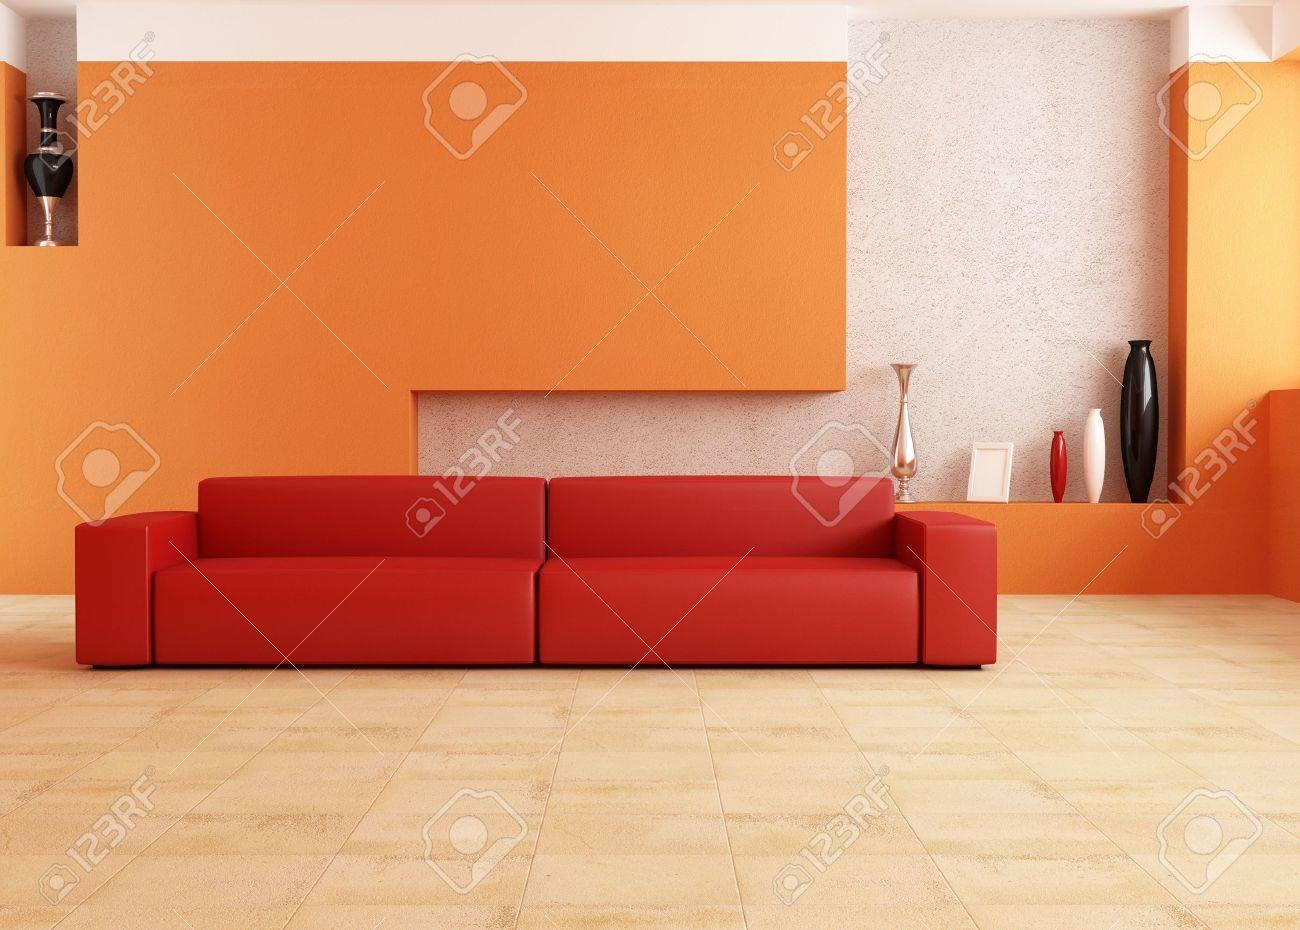 Salotto Divano Rosso.Divano Rosso Moderno In Un Salotto Arancio